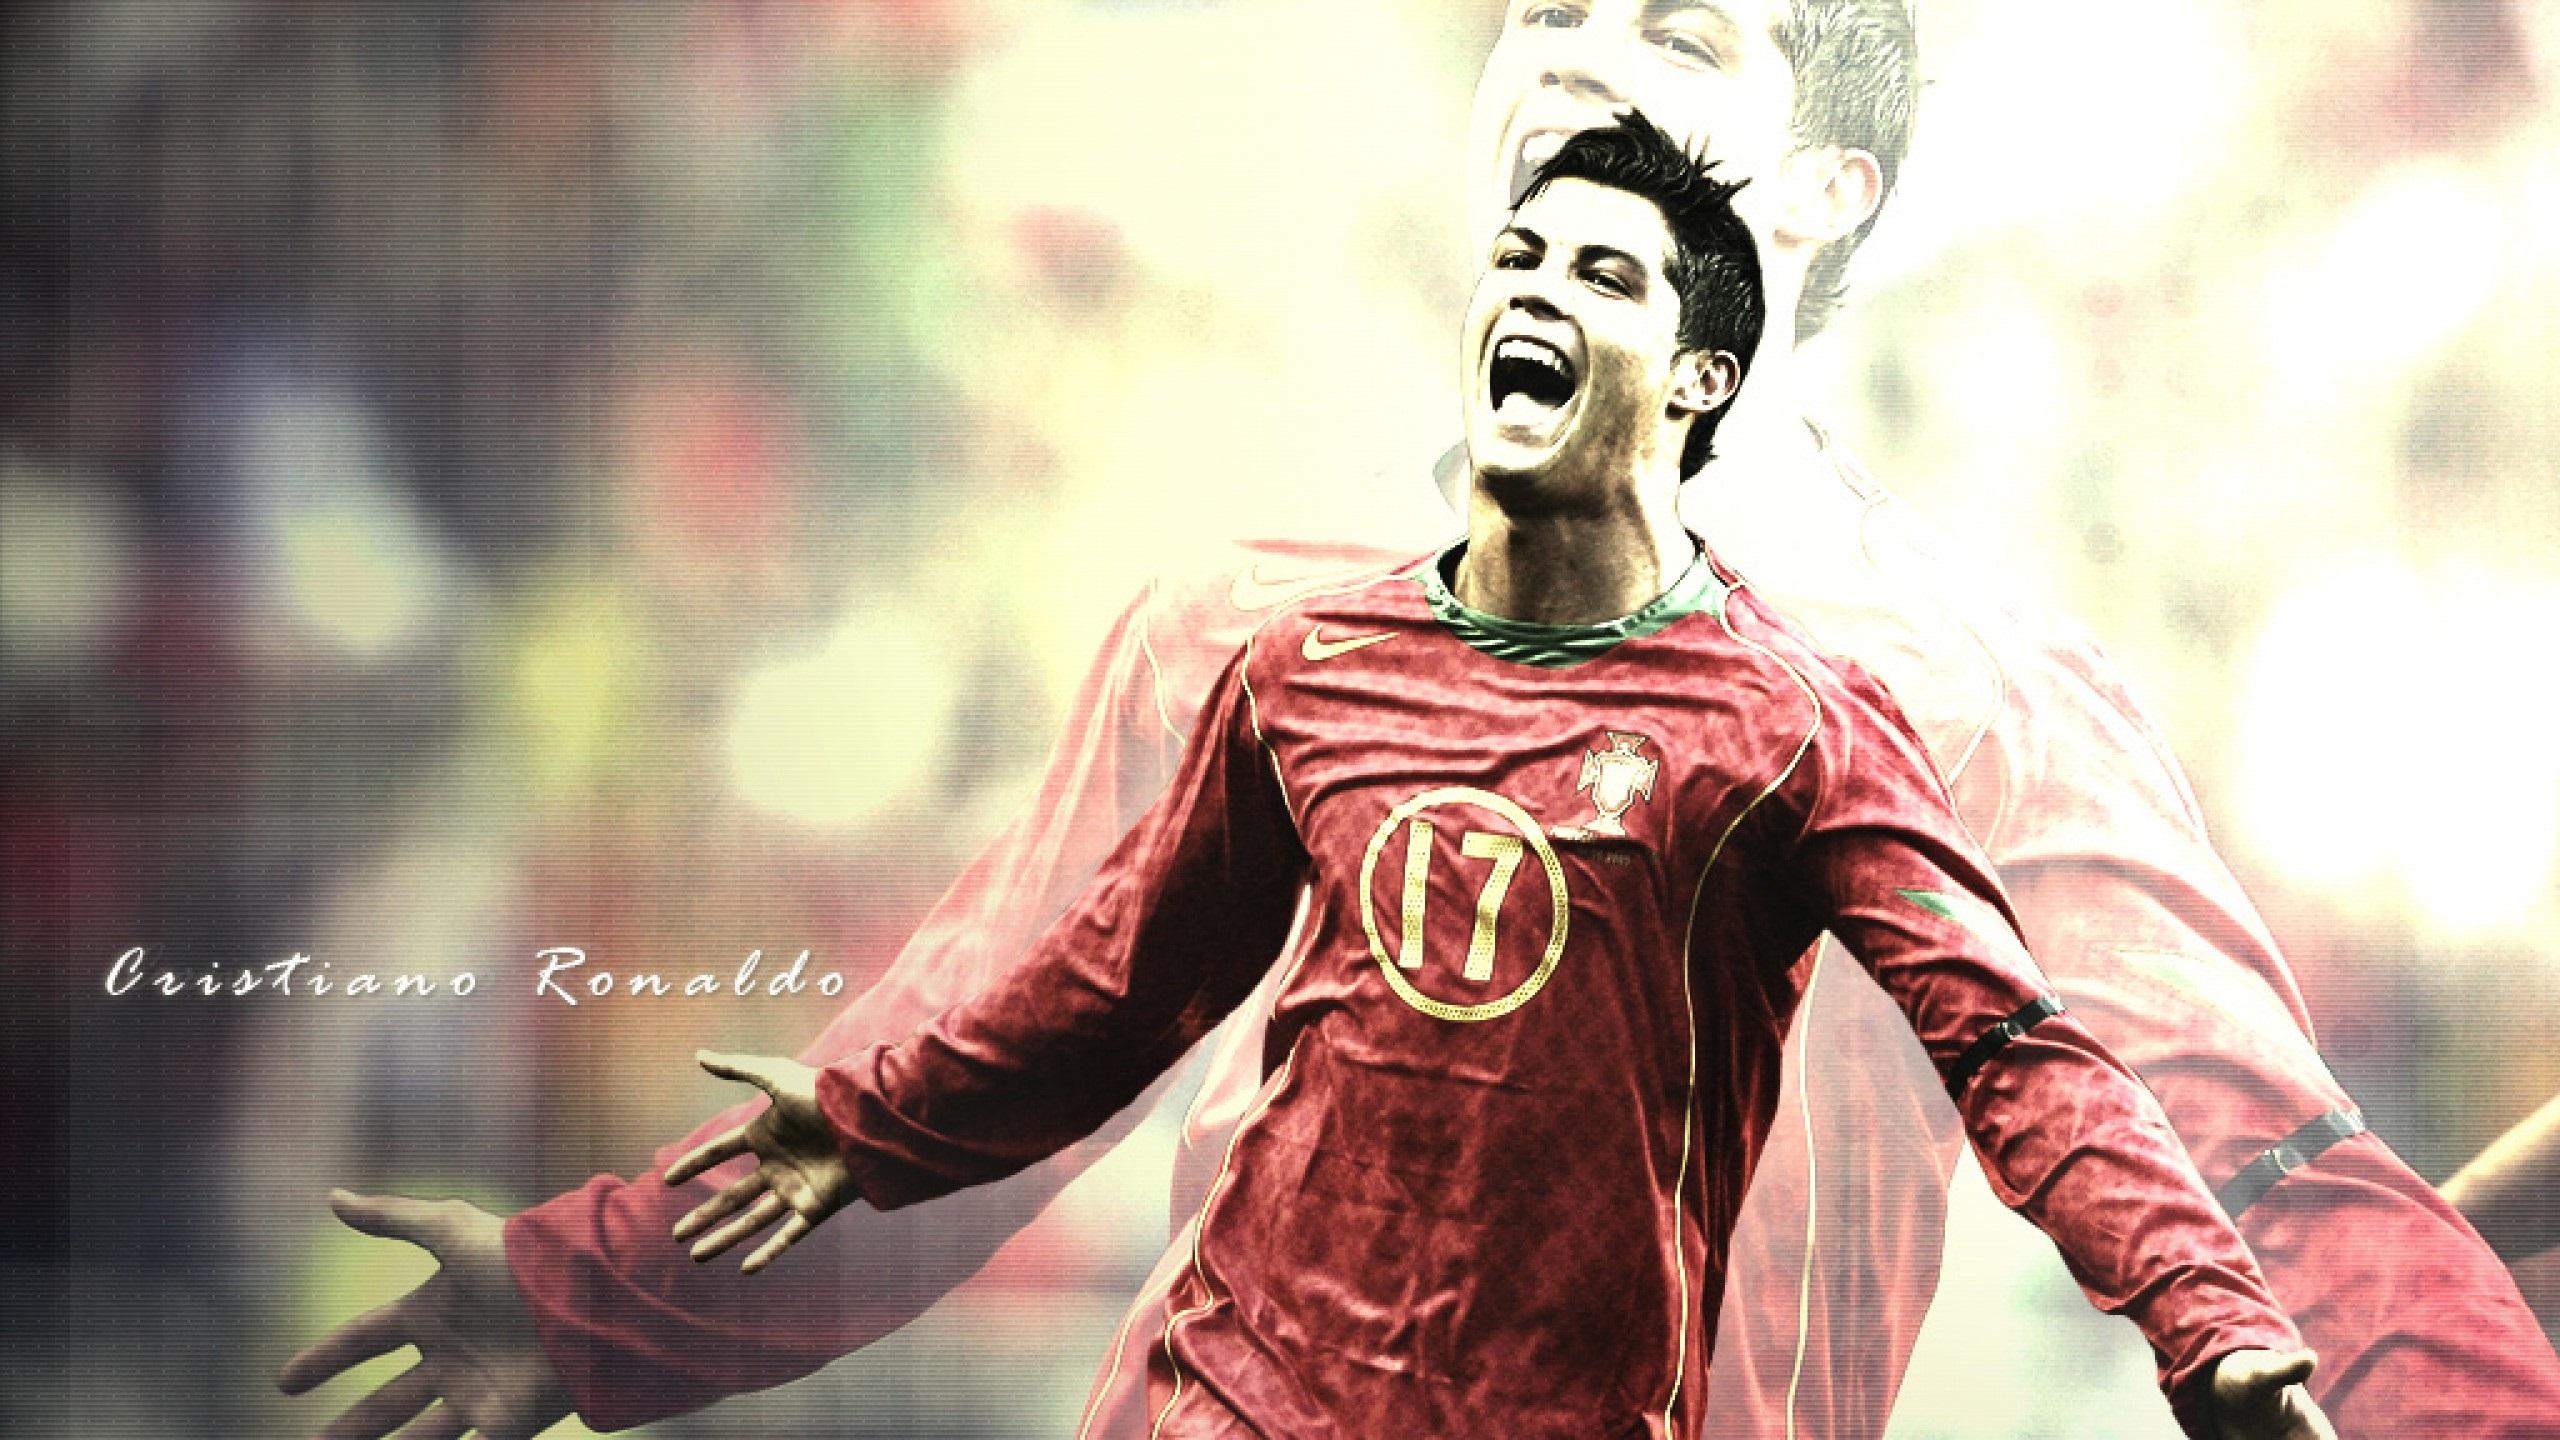 Cristiano Ronaldo Wallpaper 13